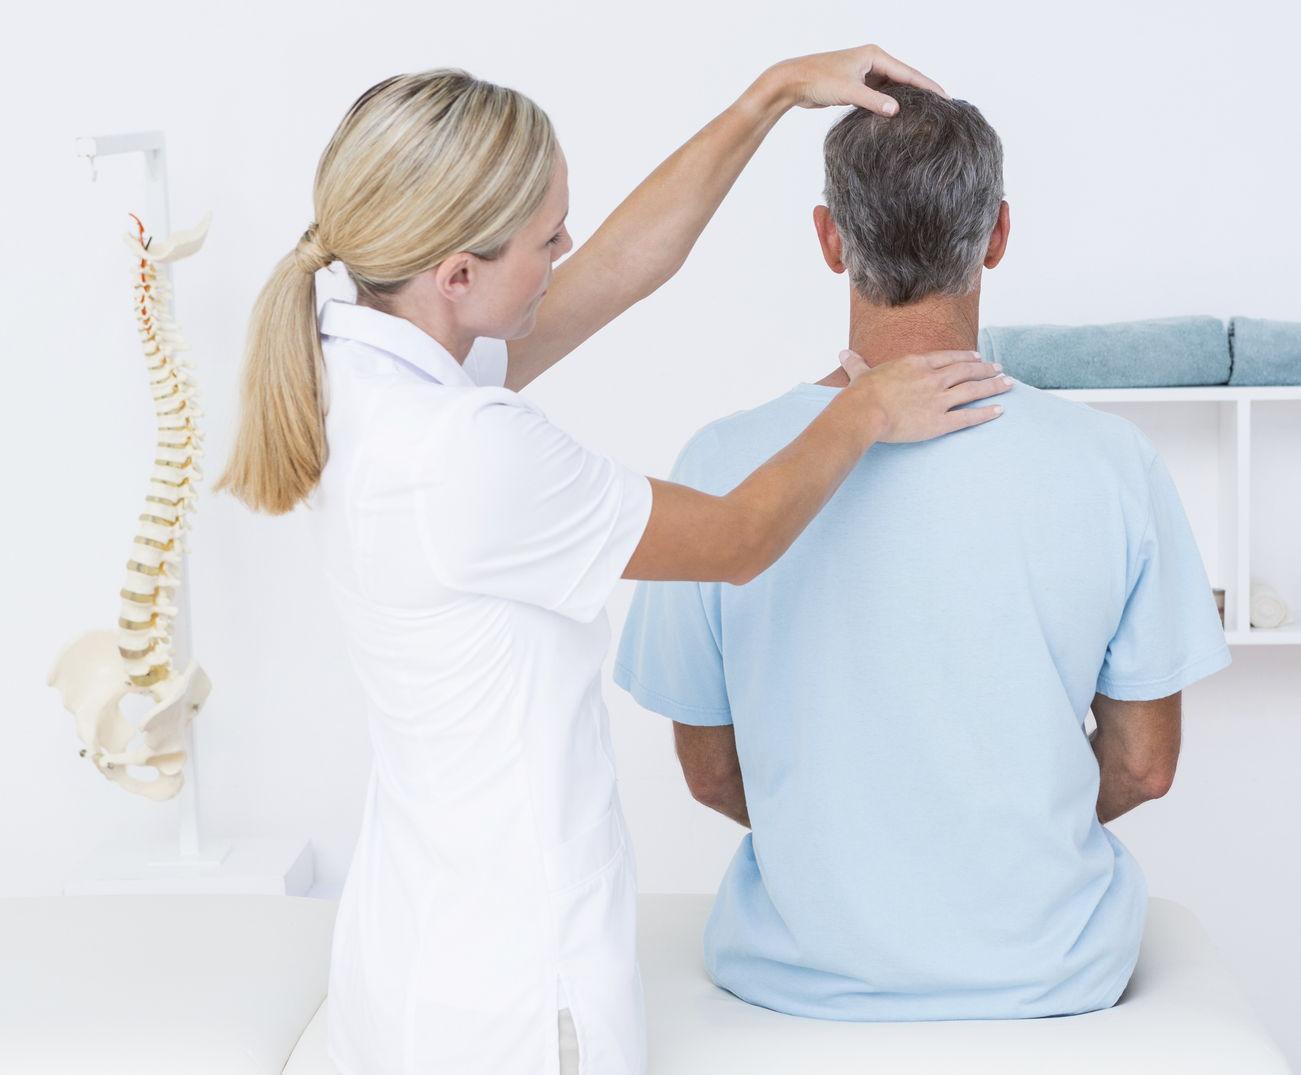 Una dottoressa visita un paziente nel corso di una visita ortopedica di controllo